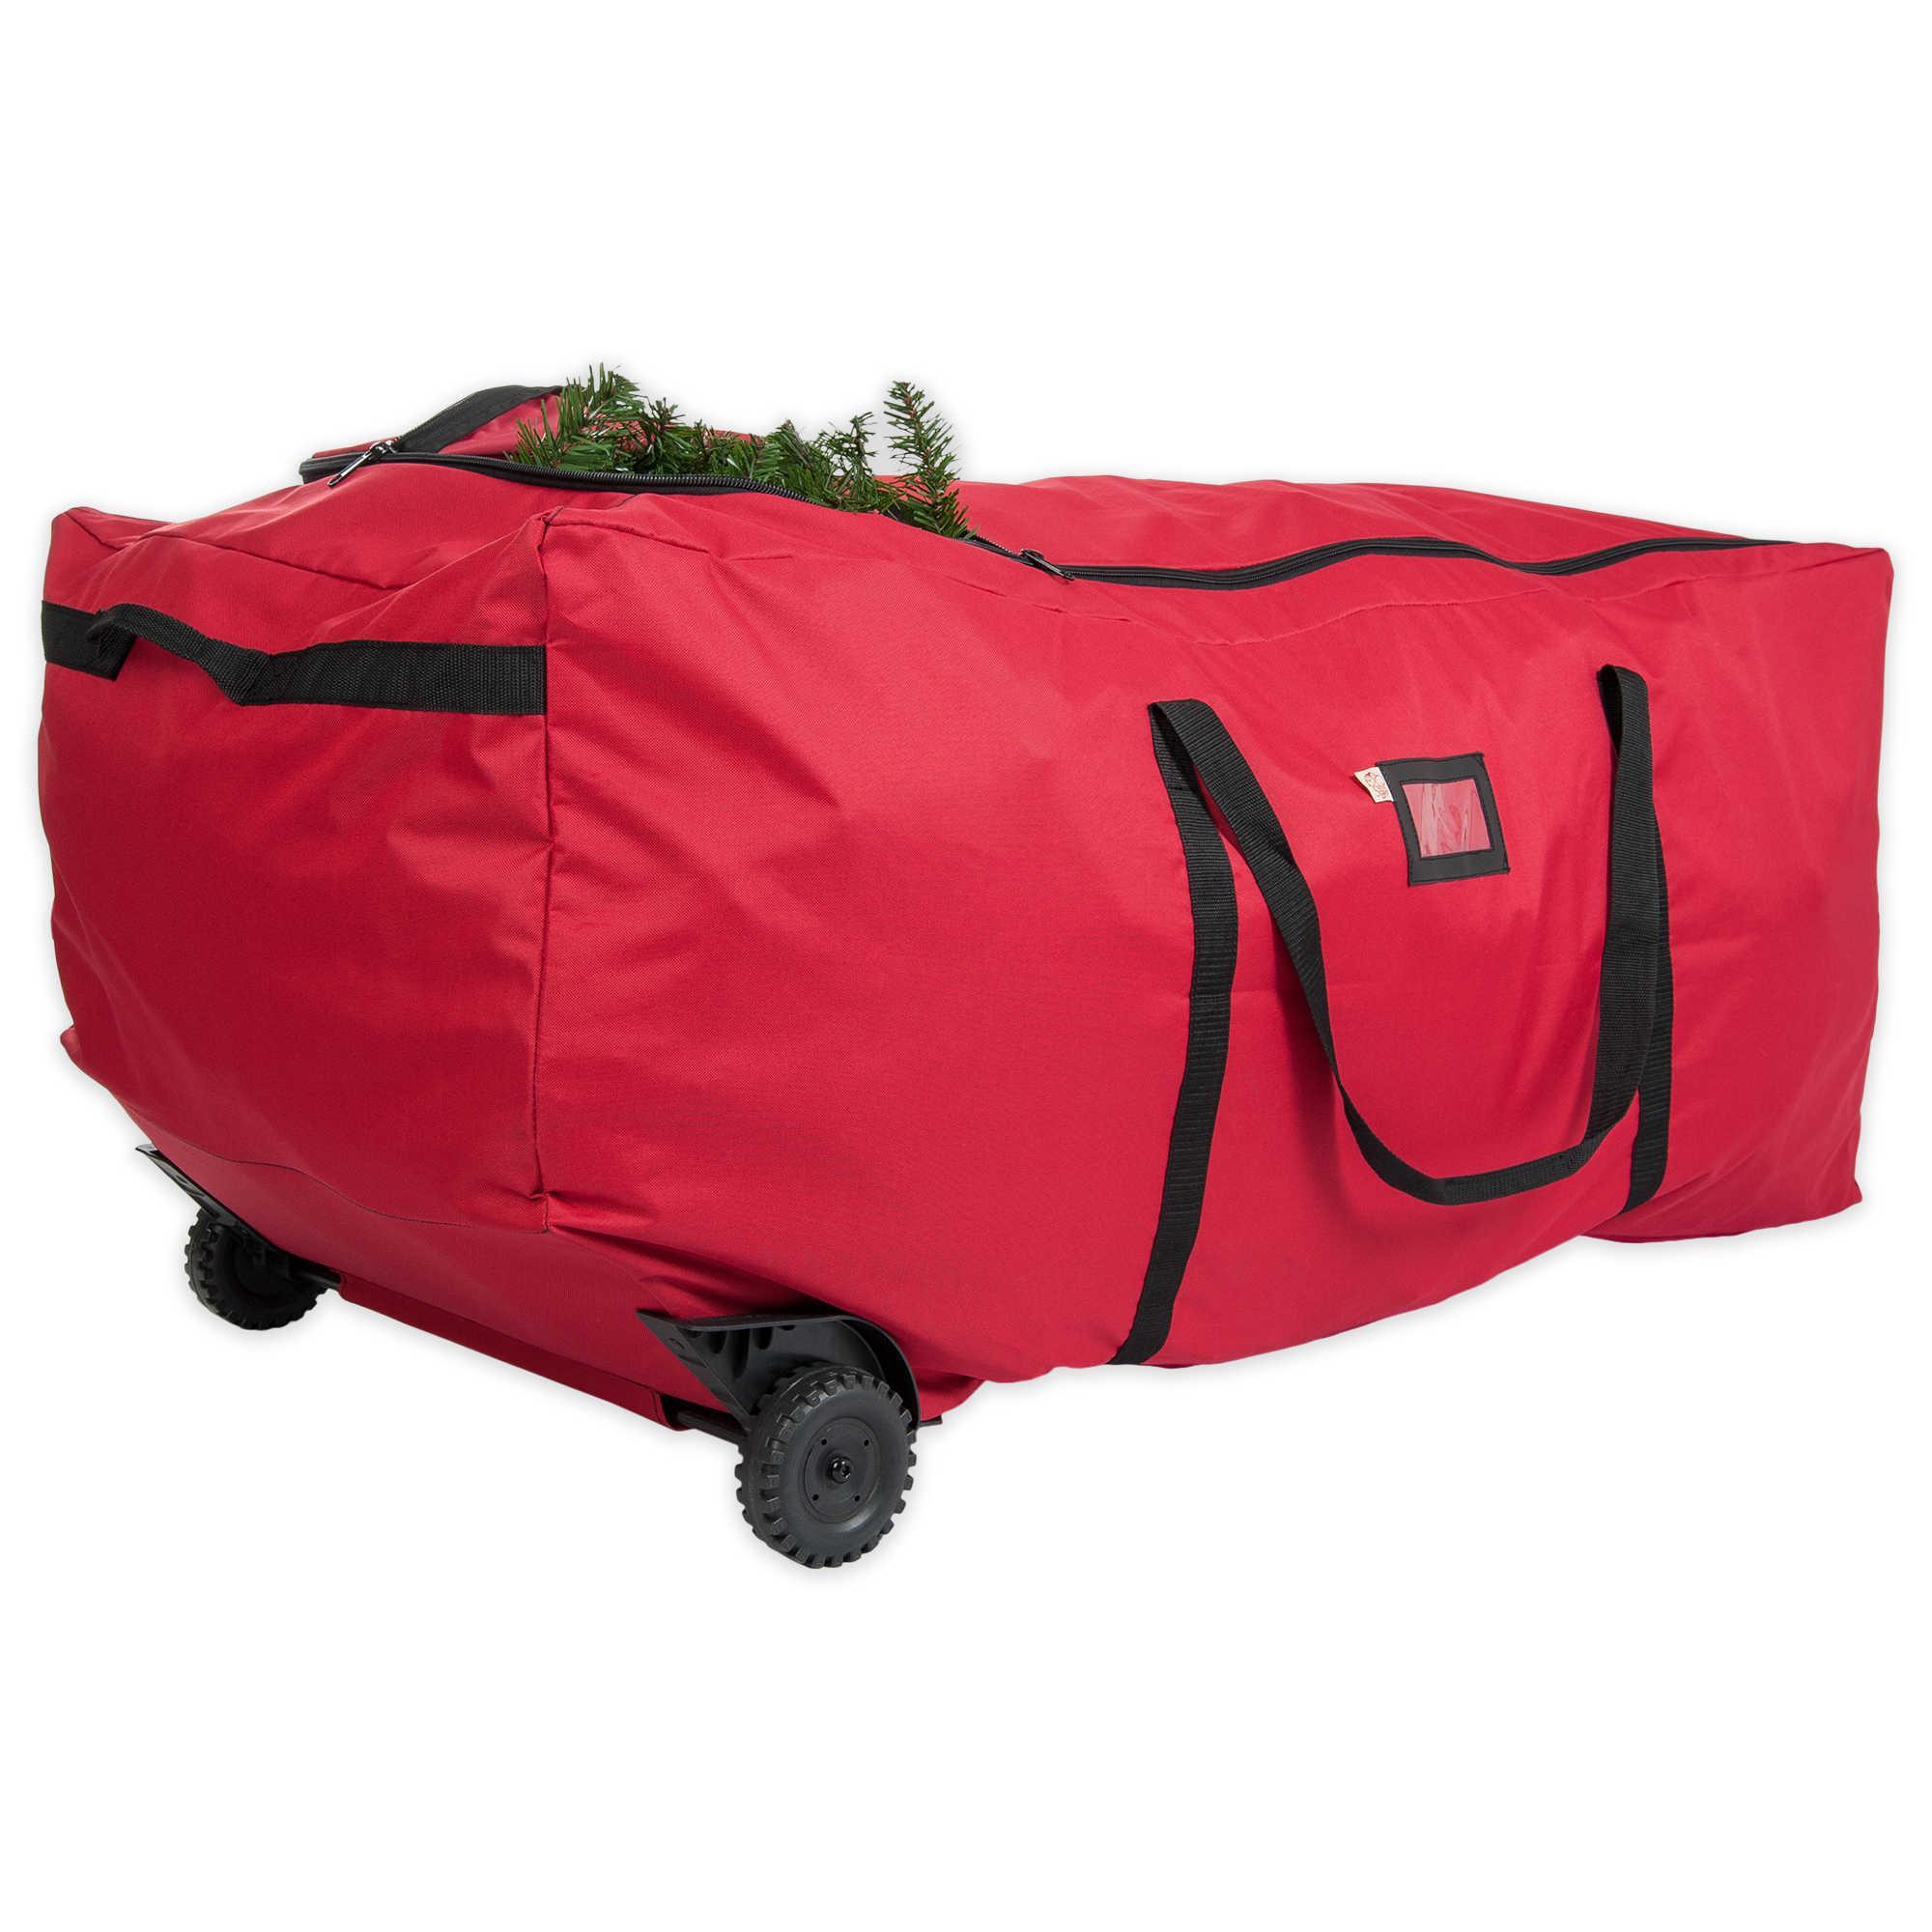 treetime christmas tree ez rolling duffel bag tree storage - Rolling Christmas Tree Storage Bag